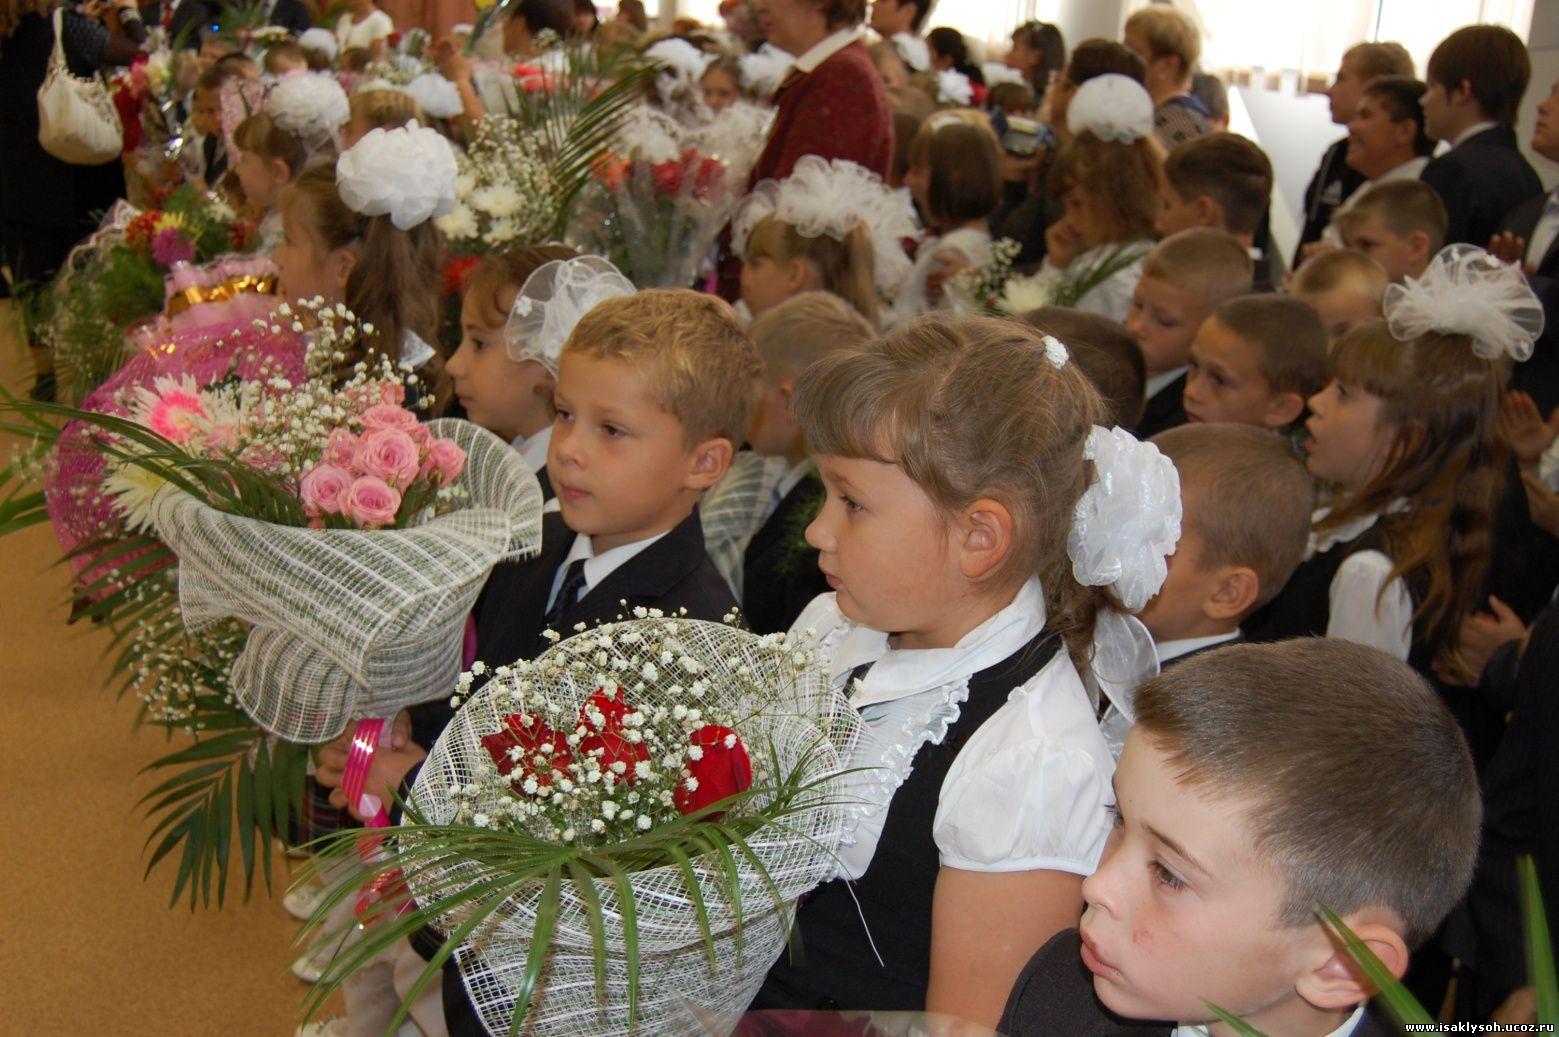 Фото 1 сентября учителя дети